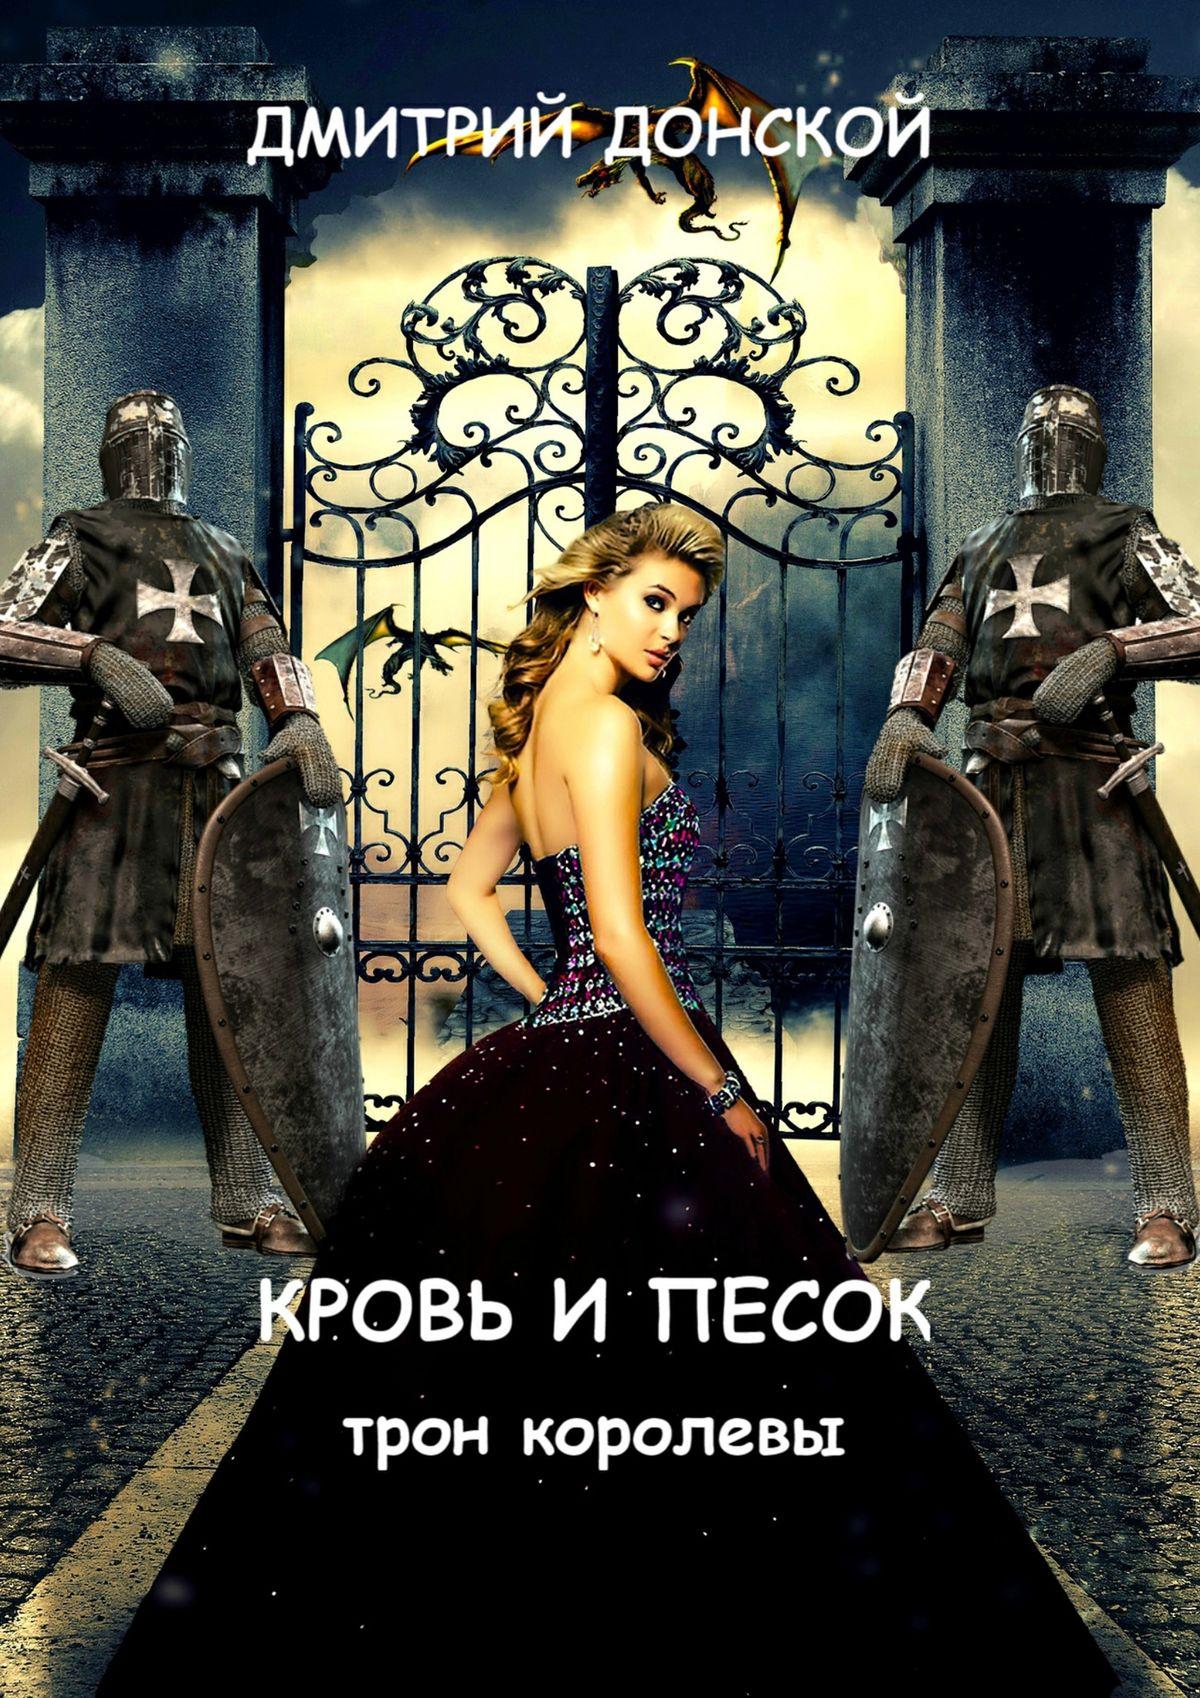 Дмитрий Донской Кровь и песок. Трон королевы